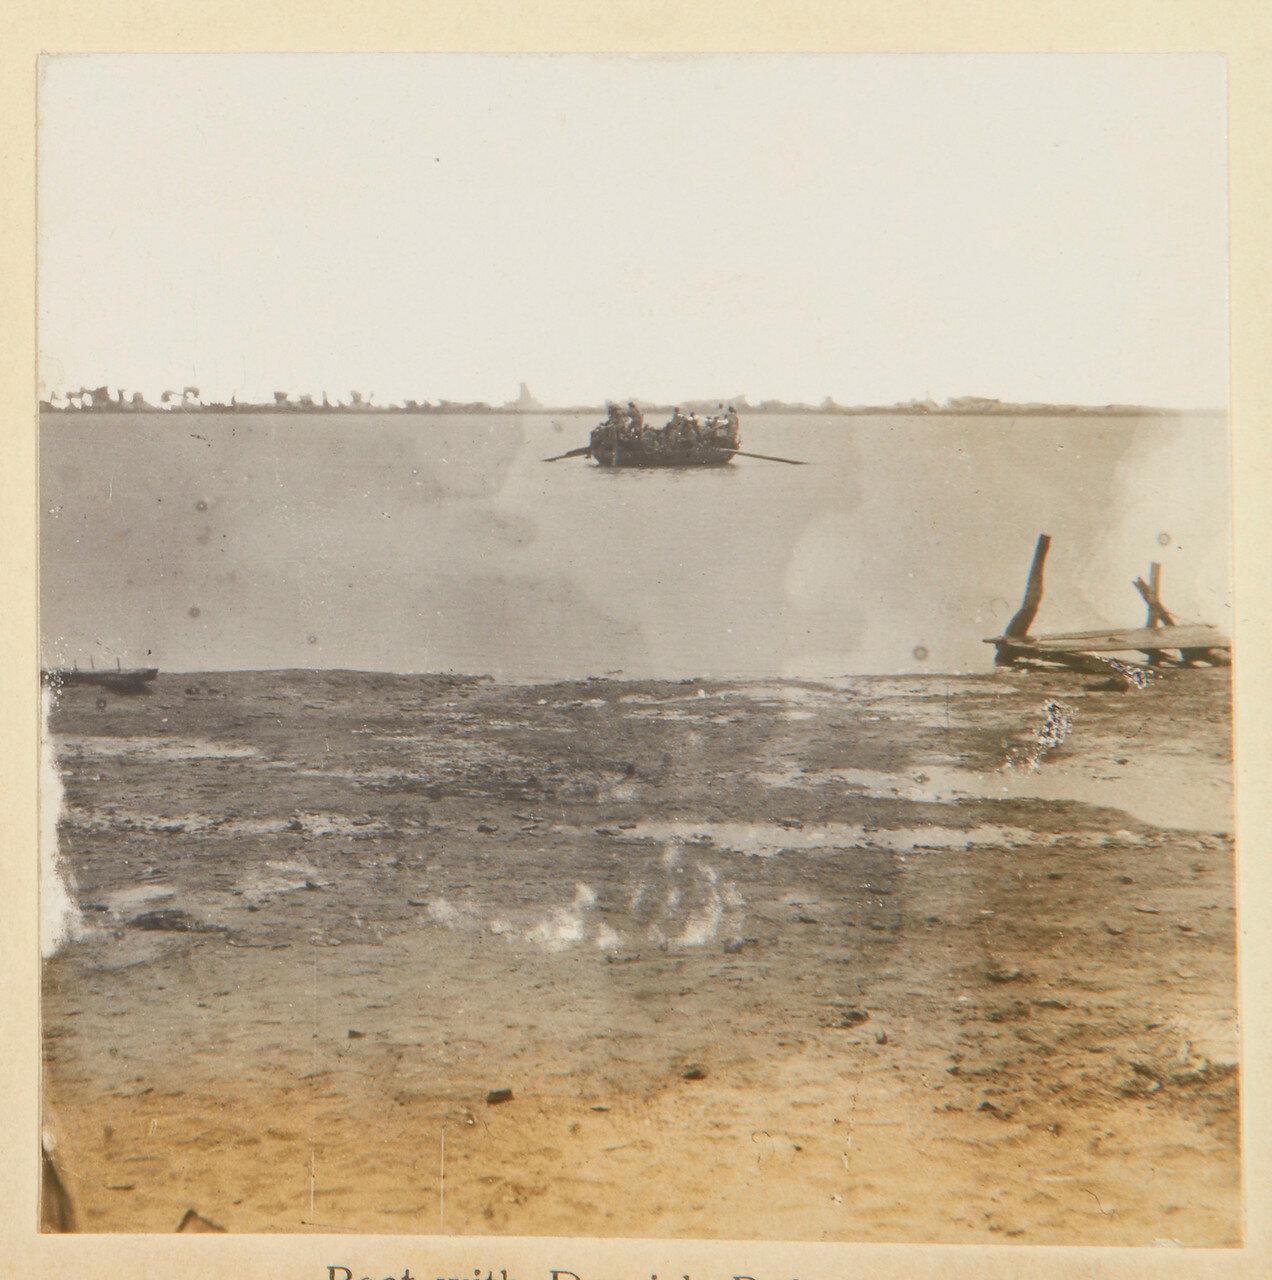 Лодка с беженцами дервишей. 1898